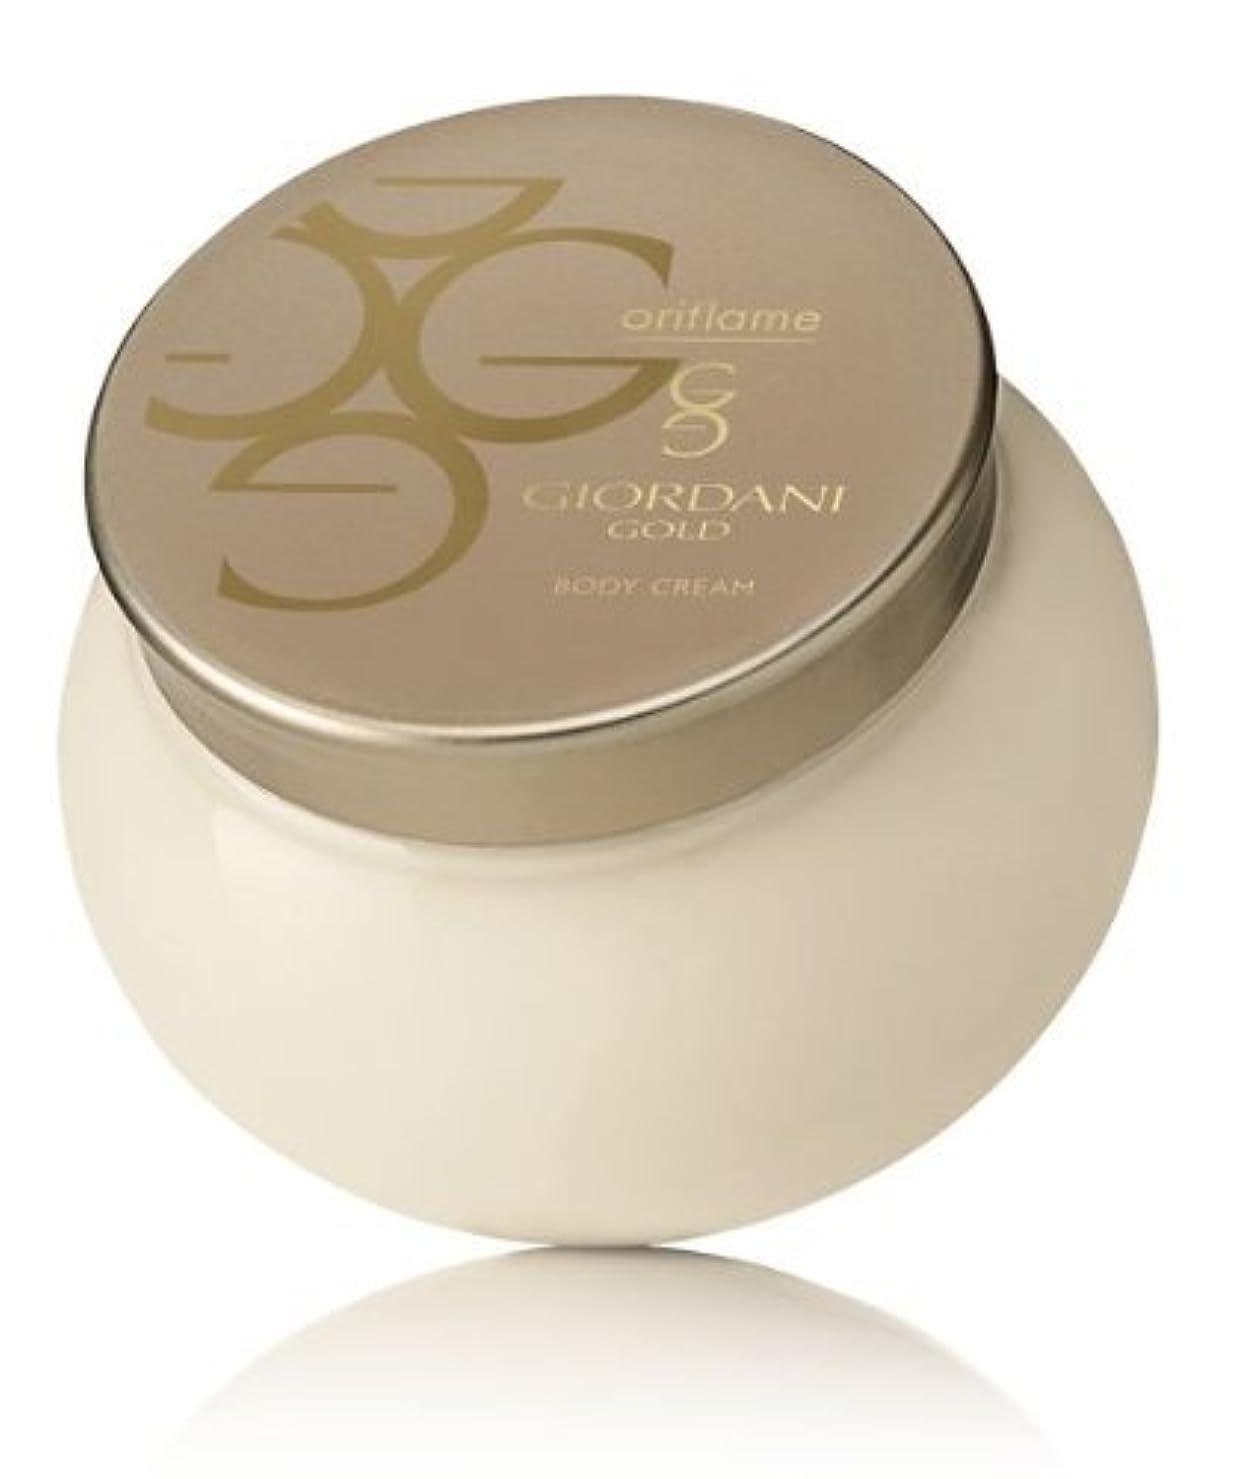 市町村セイはさておき朝Giordani Gold Body Cream by Oriflame